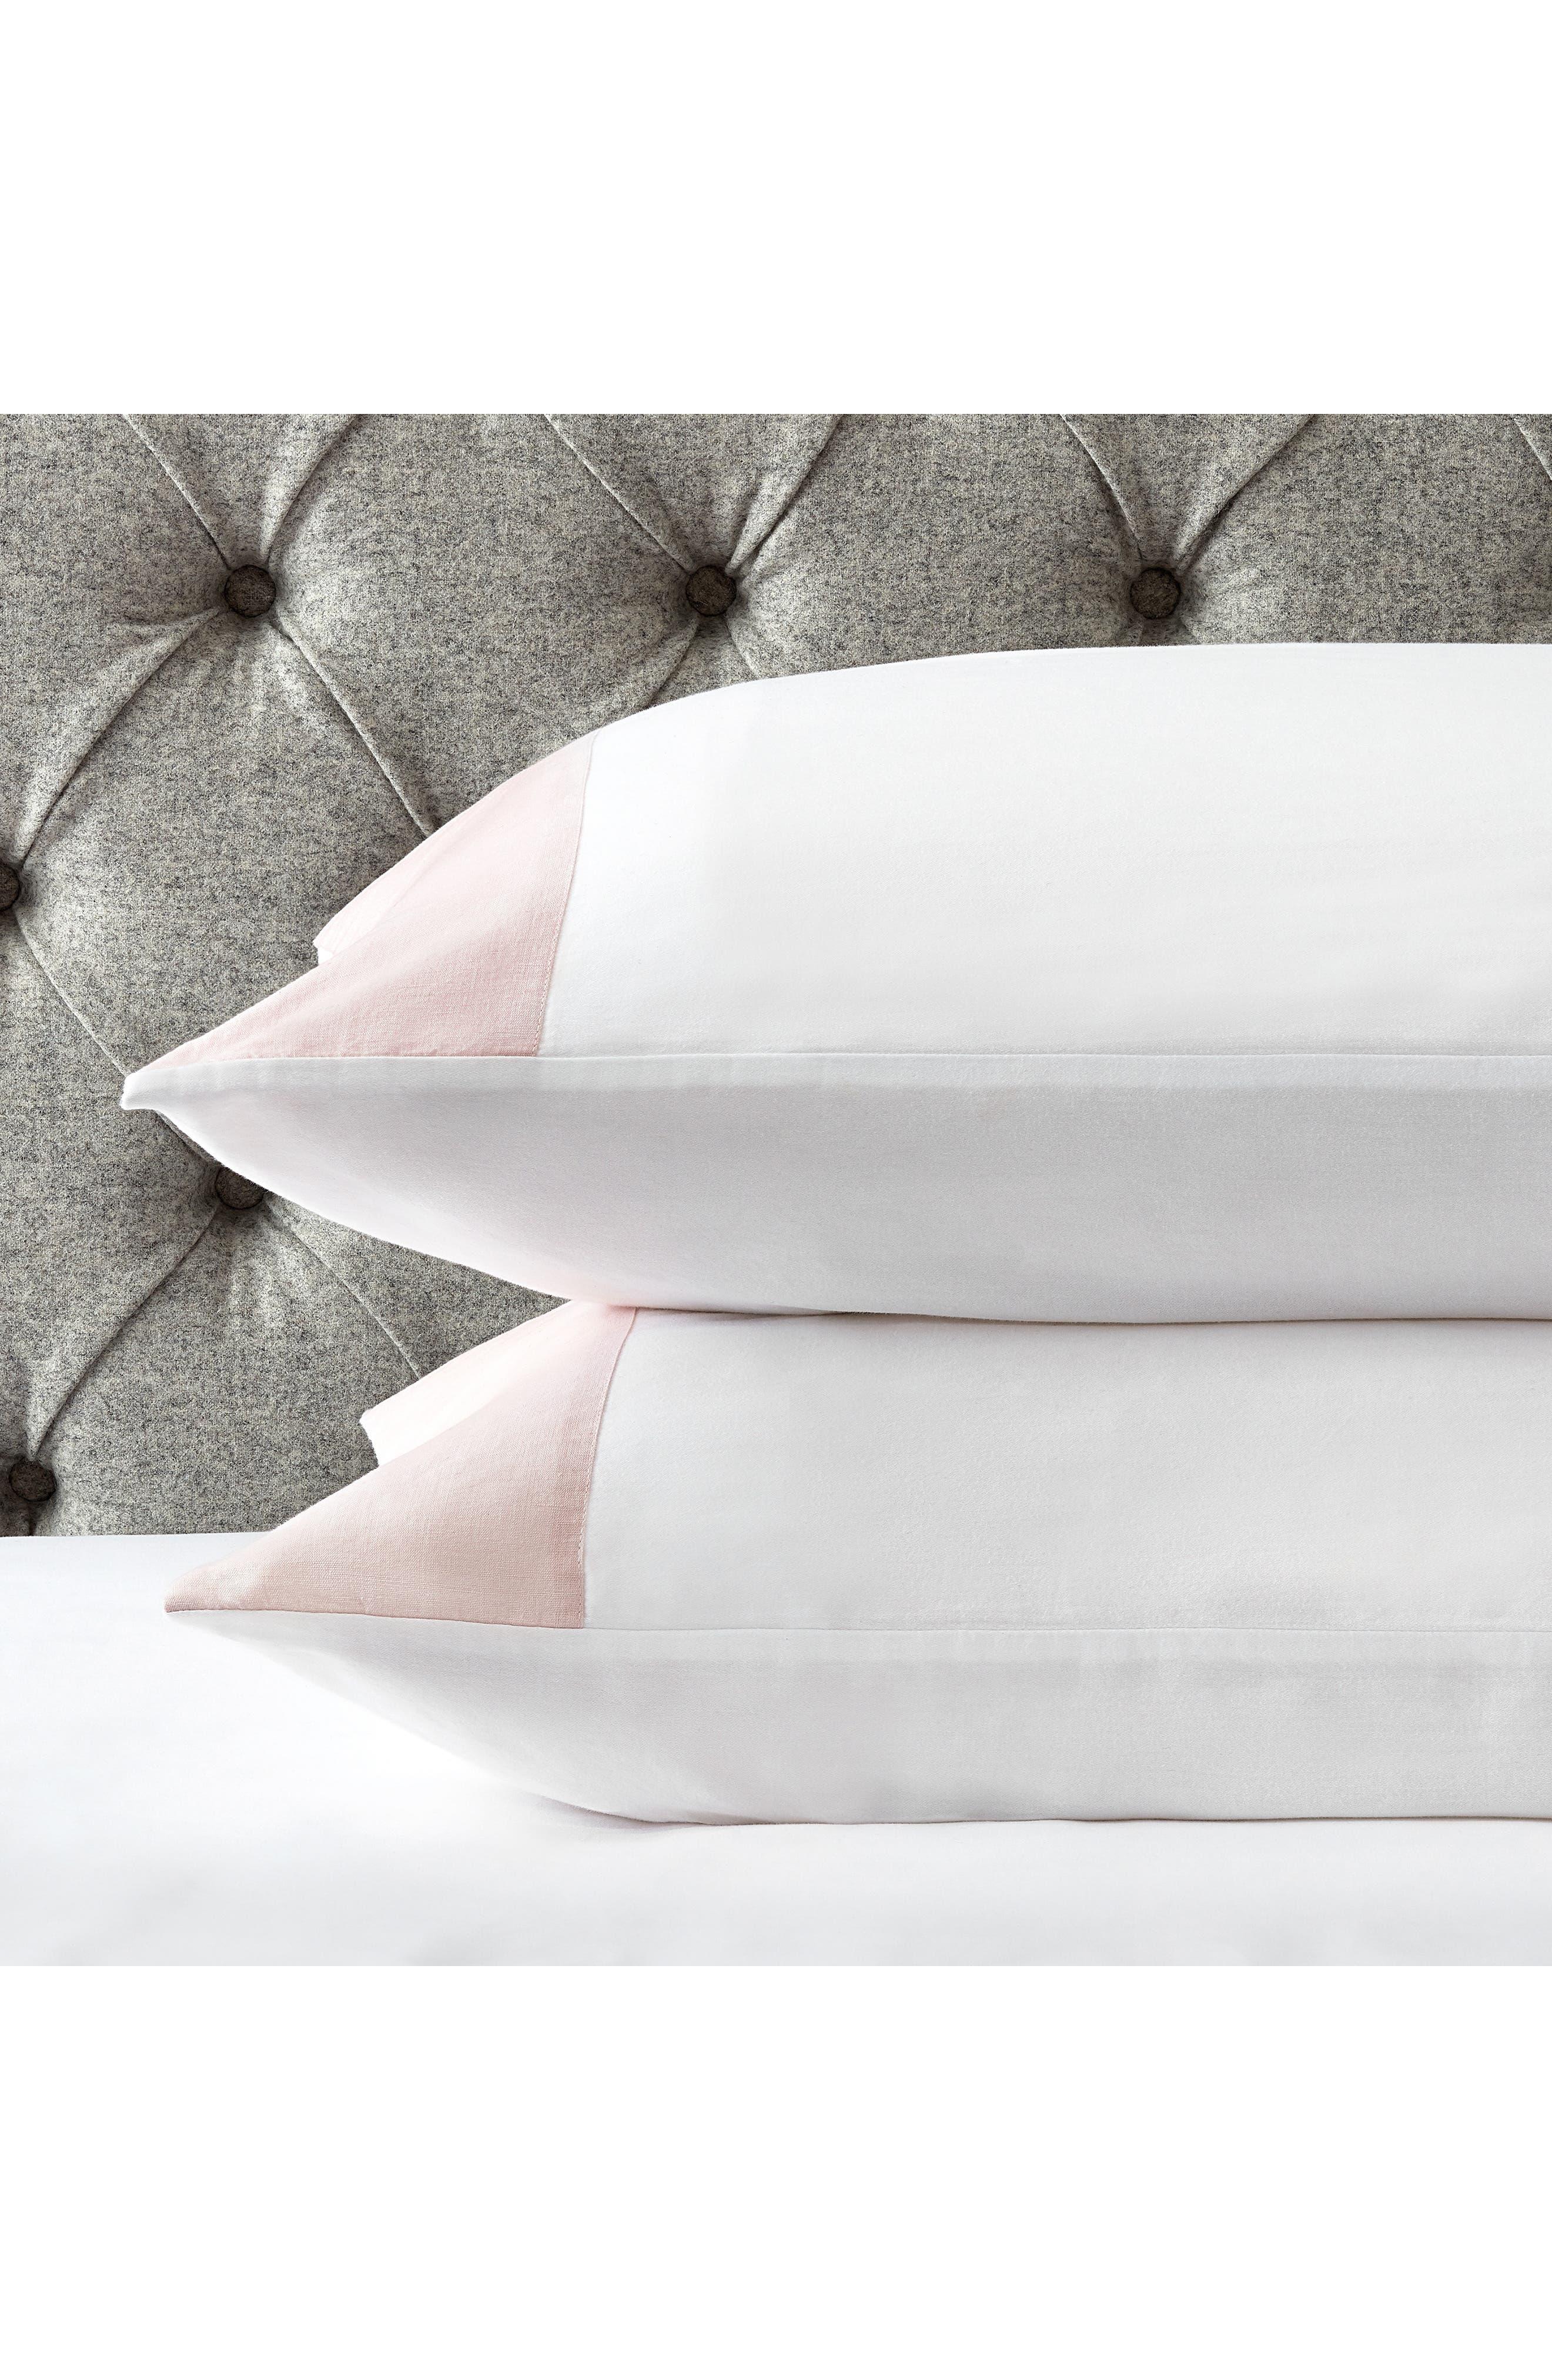 THE WHITE COMPANY Portobello Pillowcase, Main, color, PETAL/ WHITE